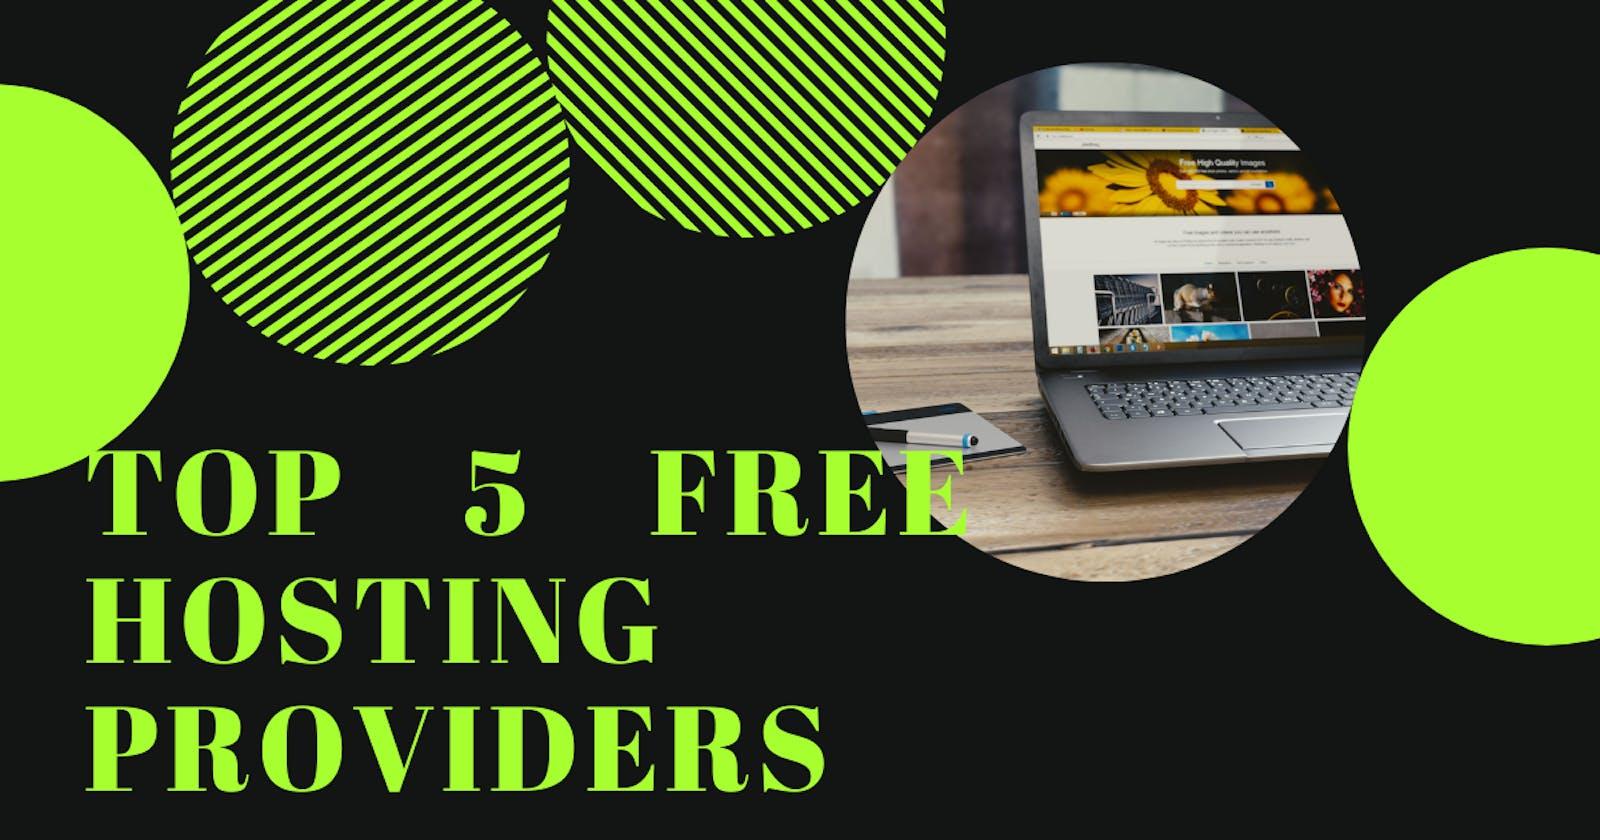 Top 5 free website hosting providers